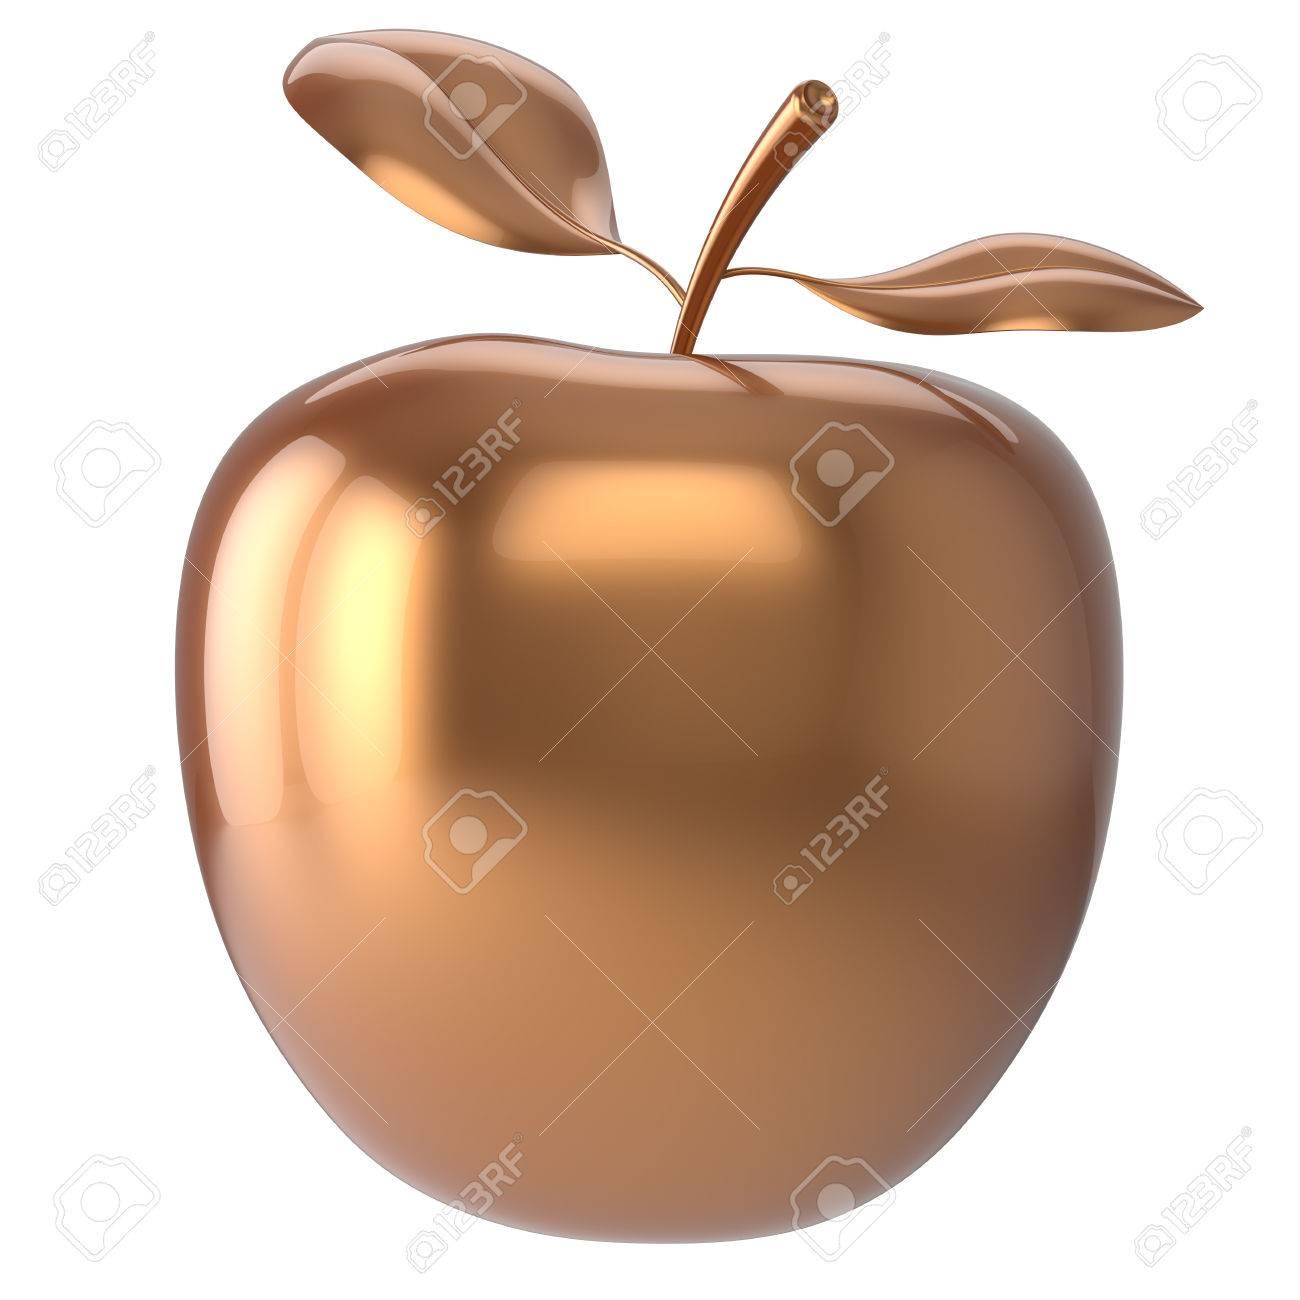 golden fruit wiki